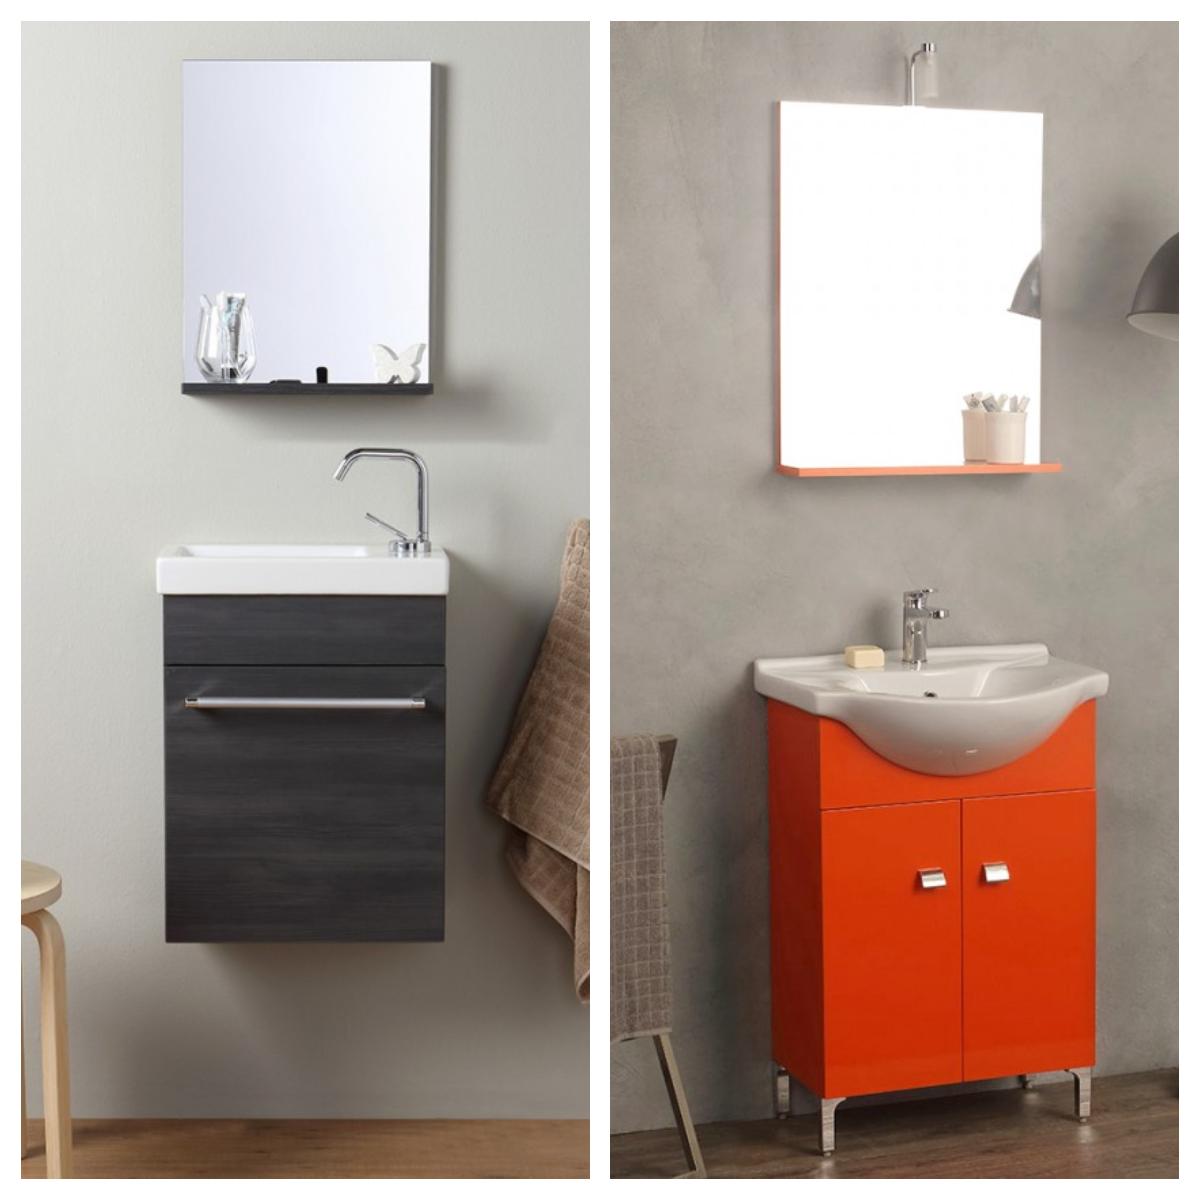 Consigli utili per arredare il tuo bagno spendendo poco kv blog - Arredare il bagno spendendo poco ...